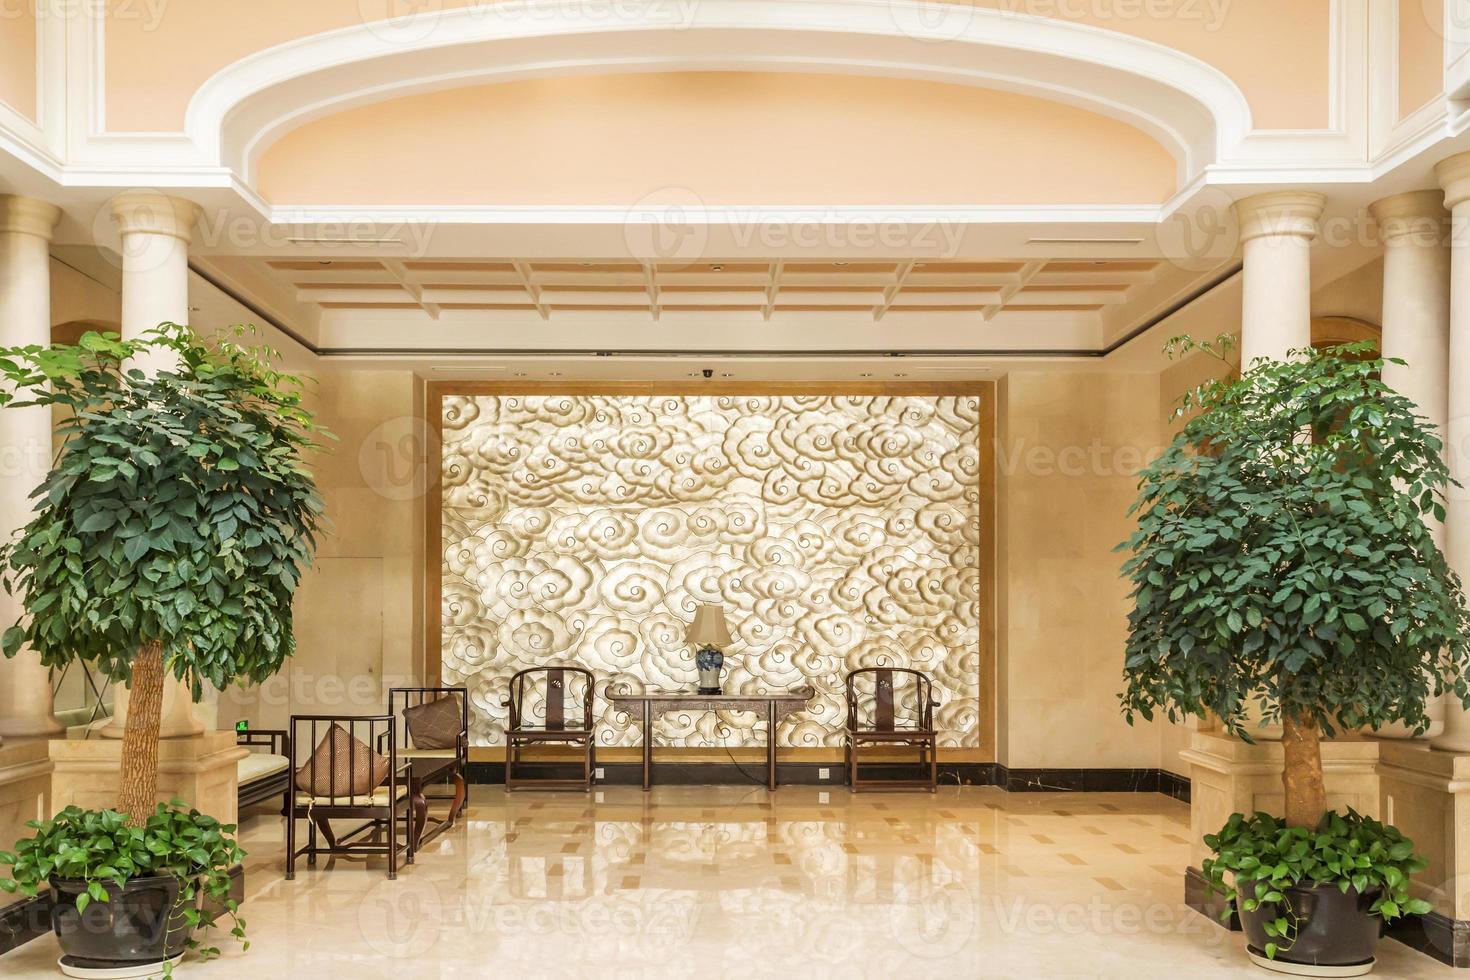 modernes Hotel Interieur und Korridor foto